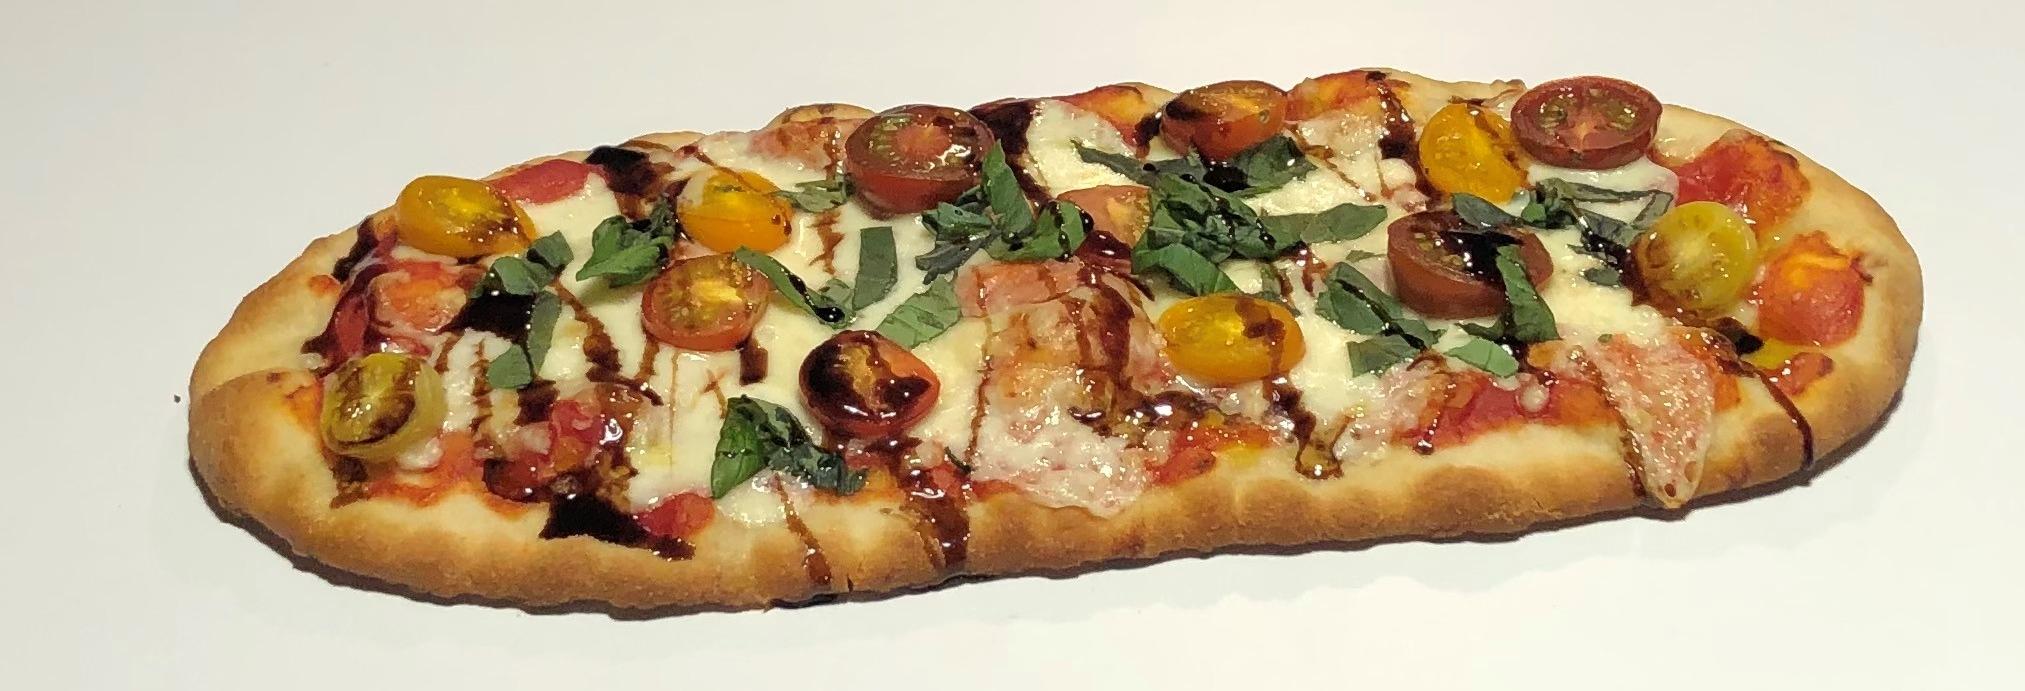 Par baked pizza crust